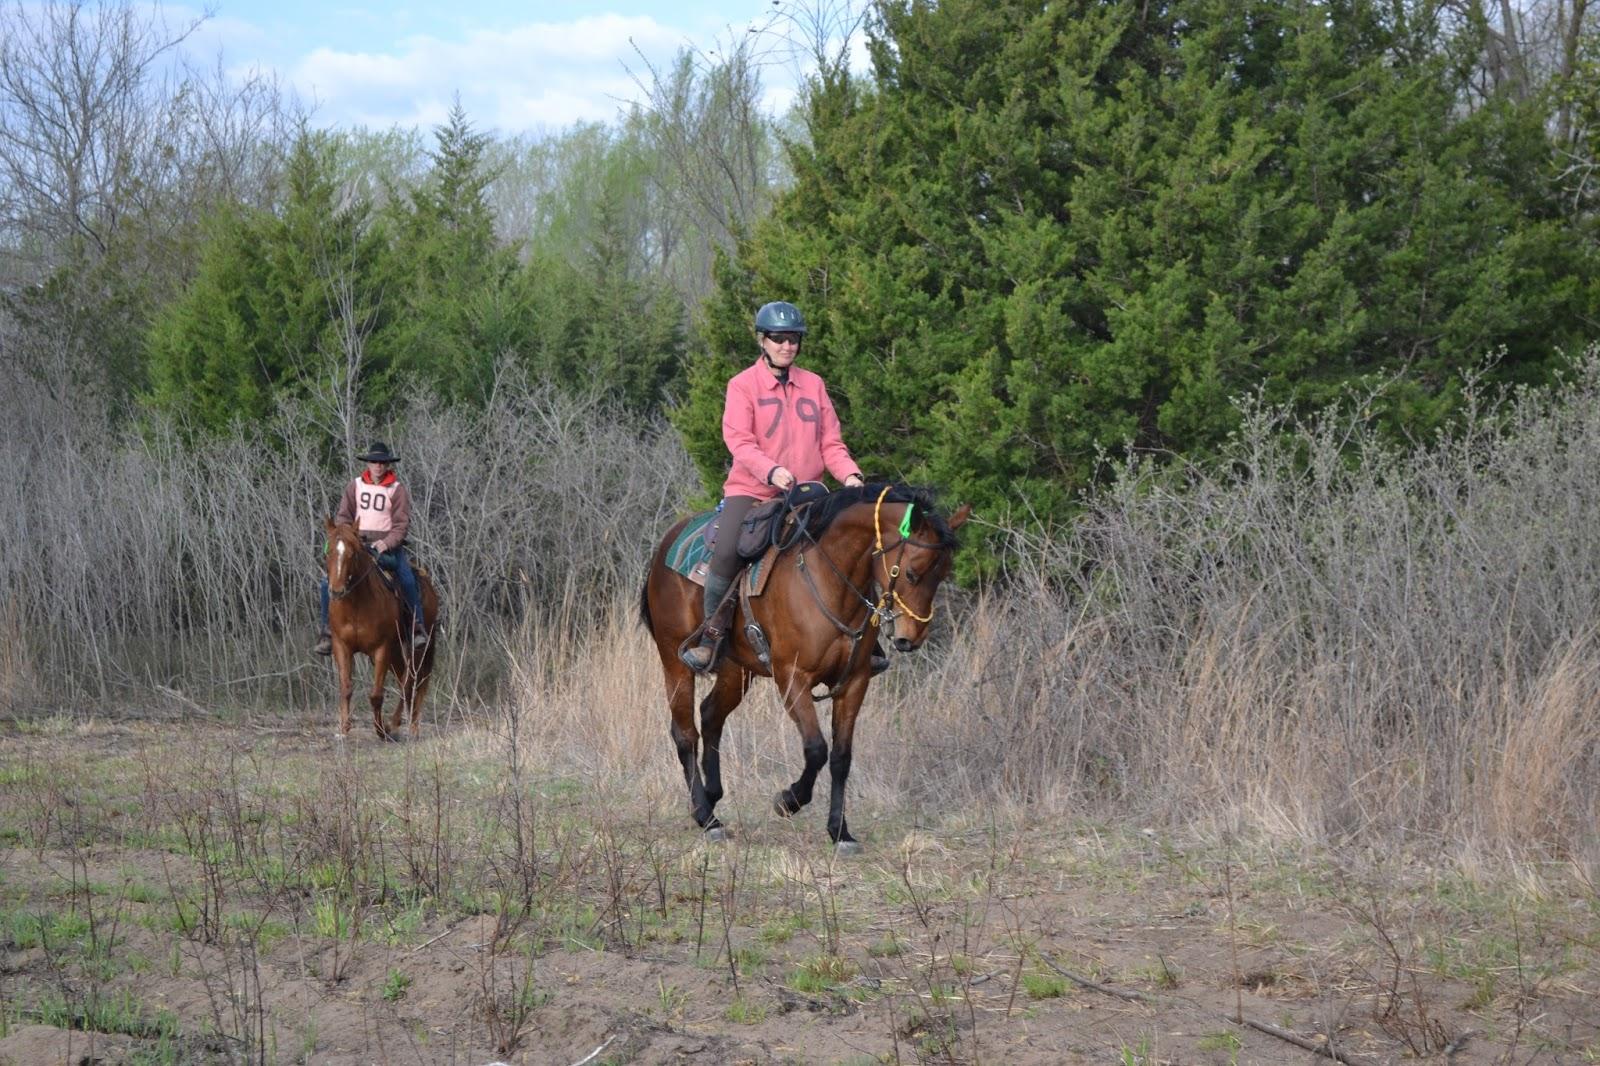 Horsetrailriderscom 2015